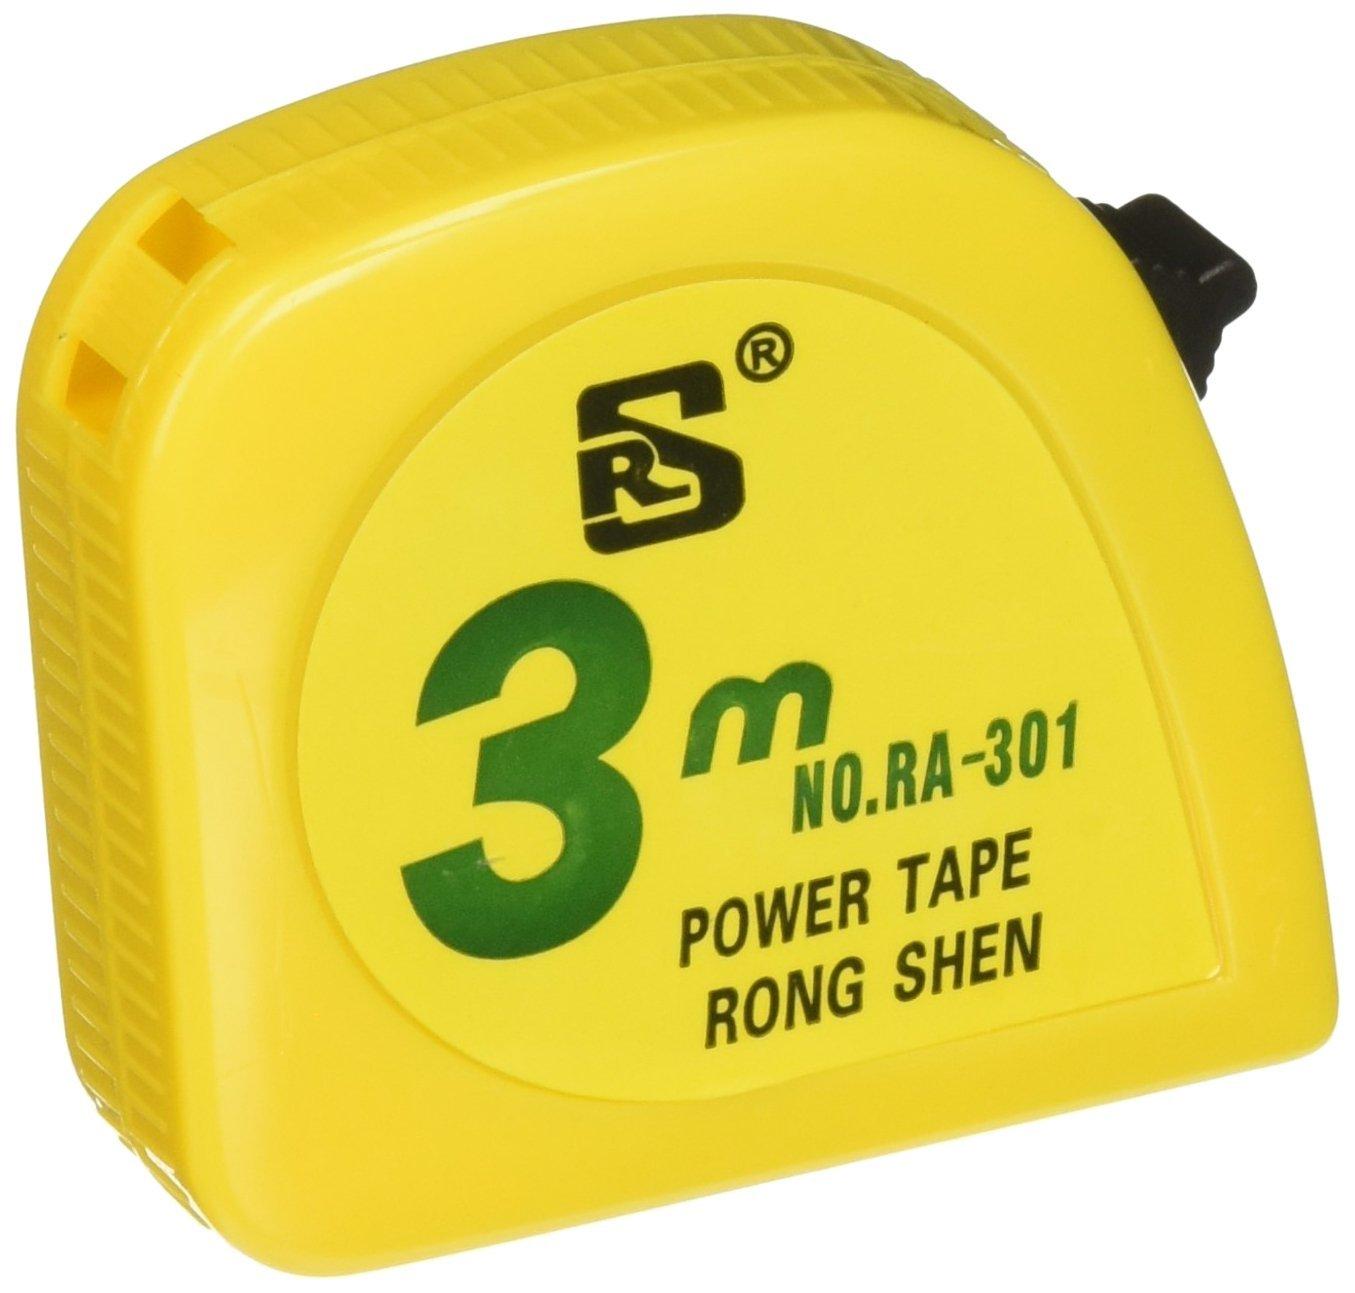 Uxcell dài thước đo từ thép công cụ đo lường metric băng, 3 m, màu vàng.